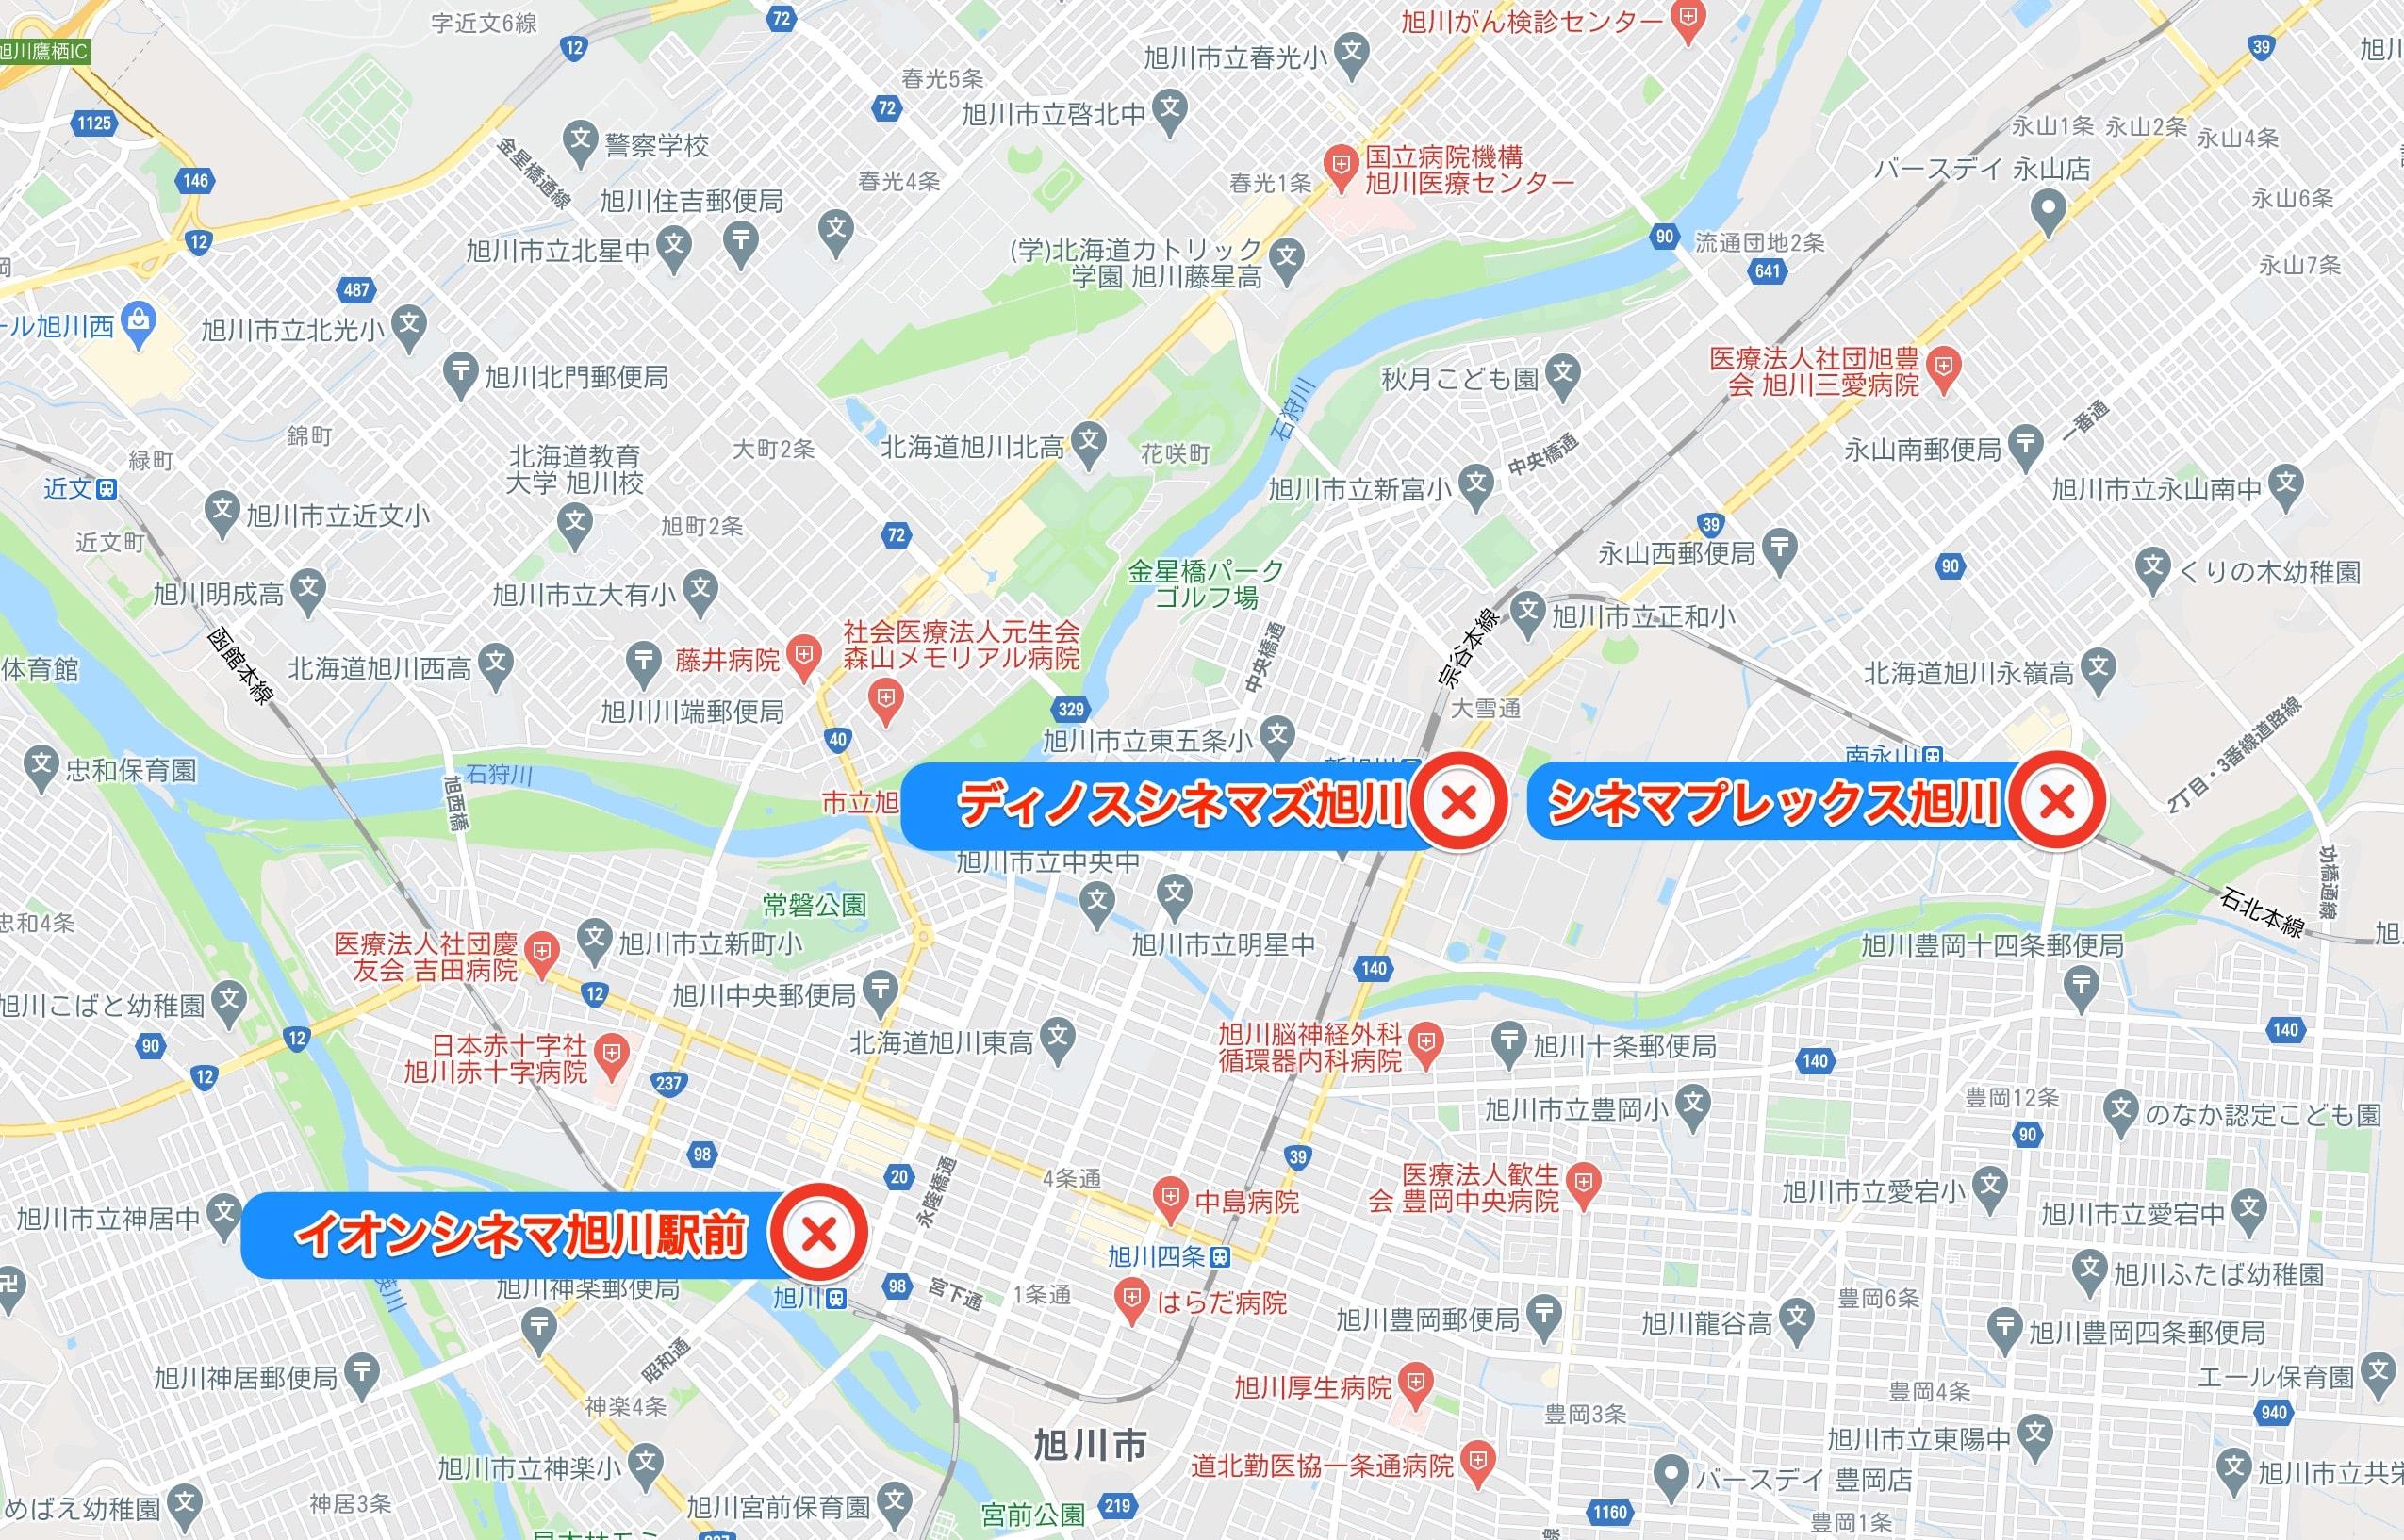 旭川の映画館一覧地図